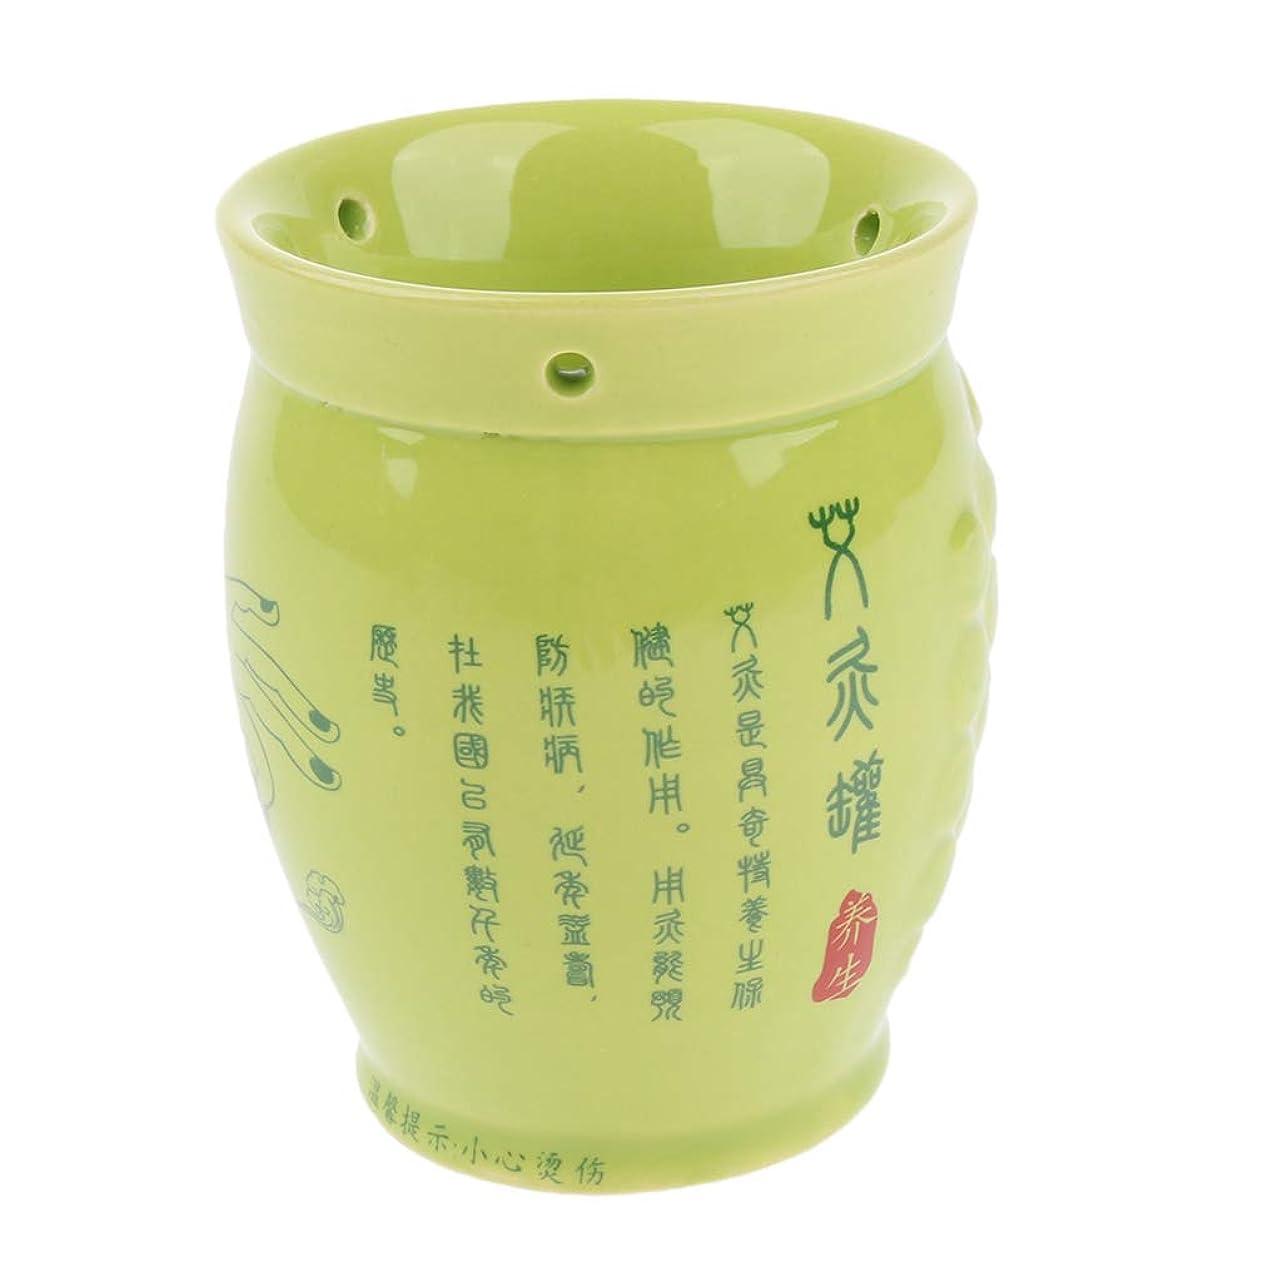 矢じり聞くしがみつくFLAMEER マッサージカッピングカップ 缶 ポット お灸 中国式 セラミック 疲労軽減 男女兼用